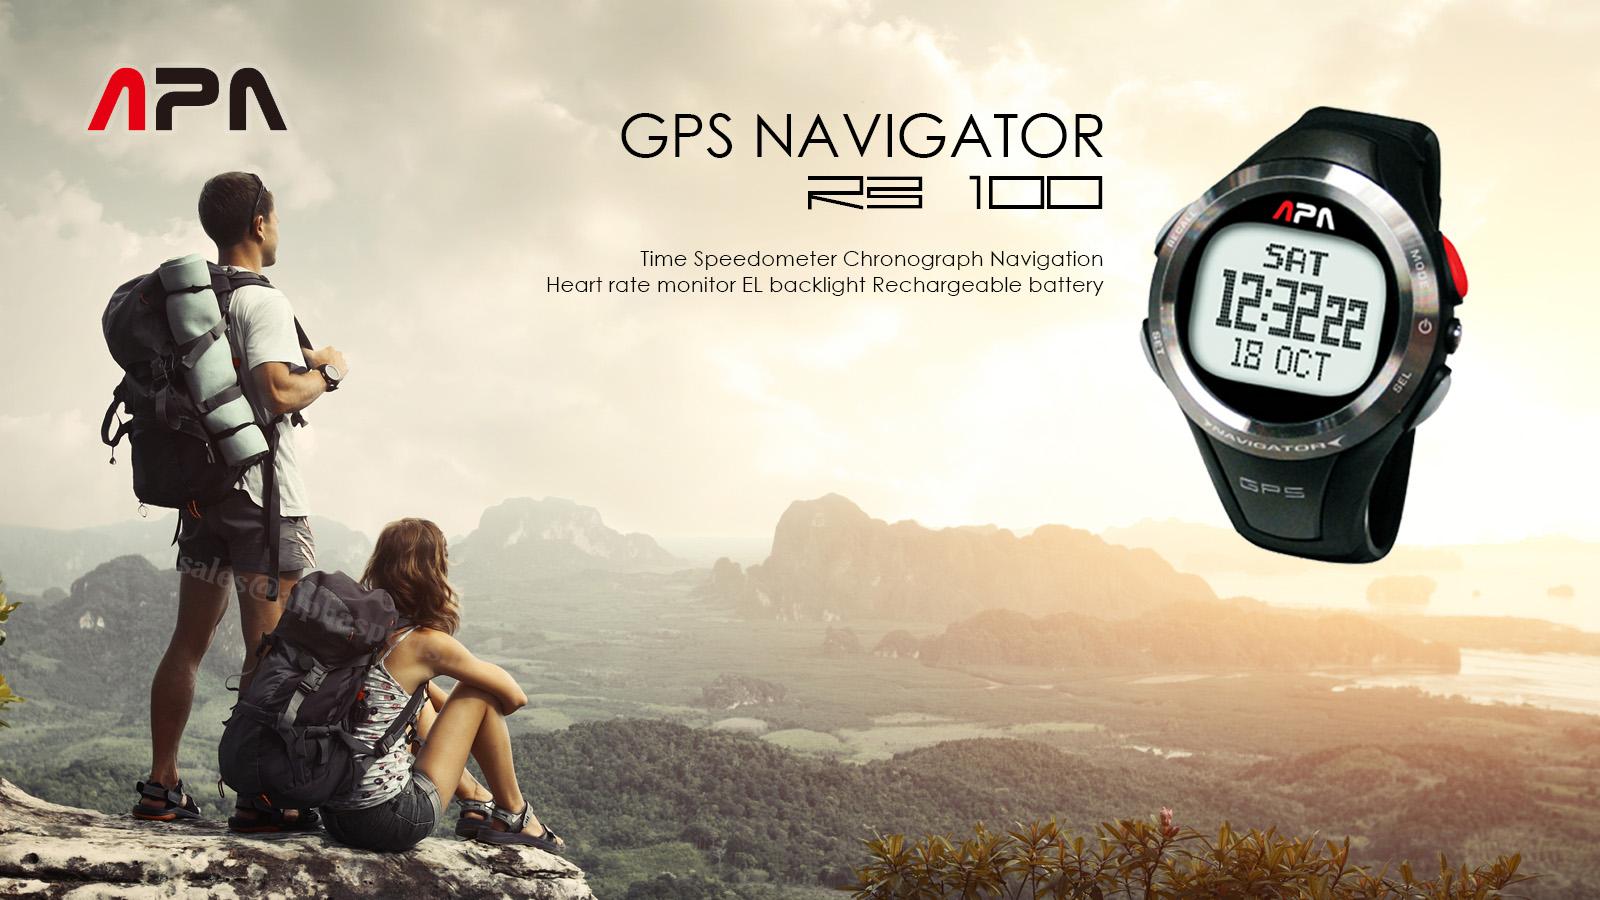 APA RB100 GPS NAVIGATOR